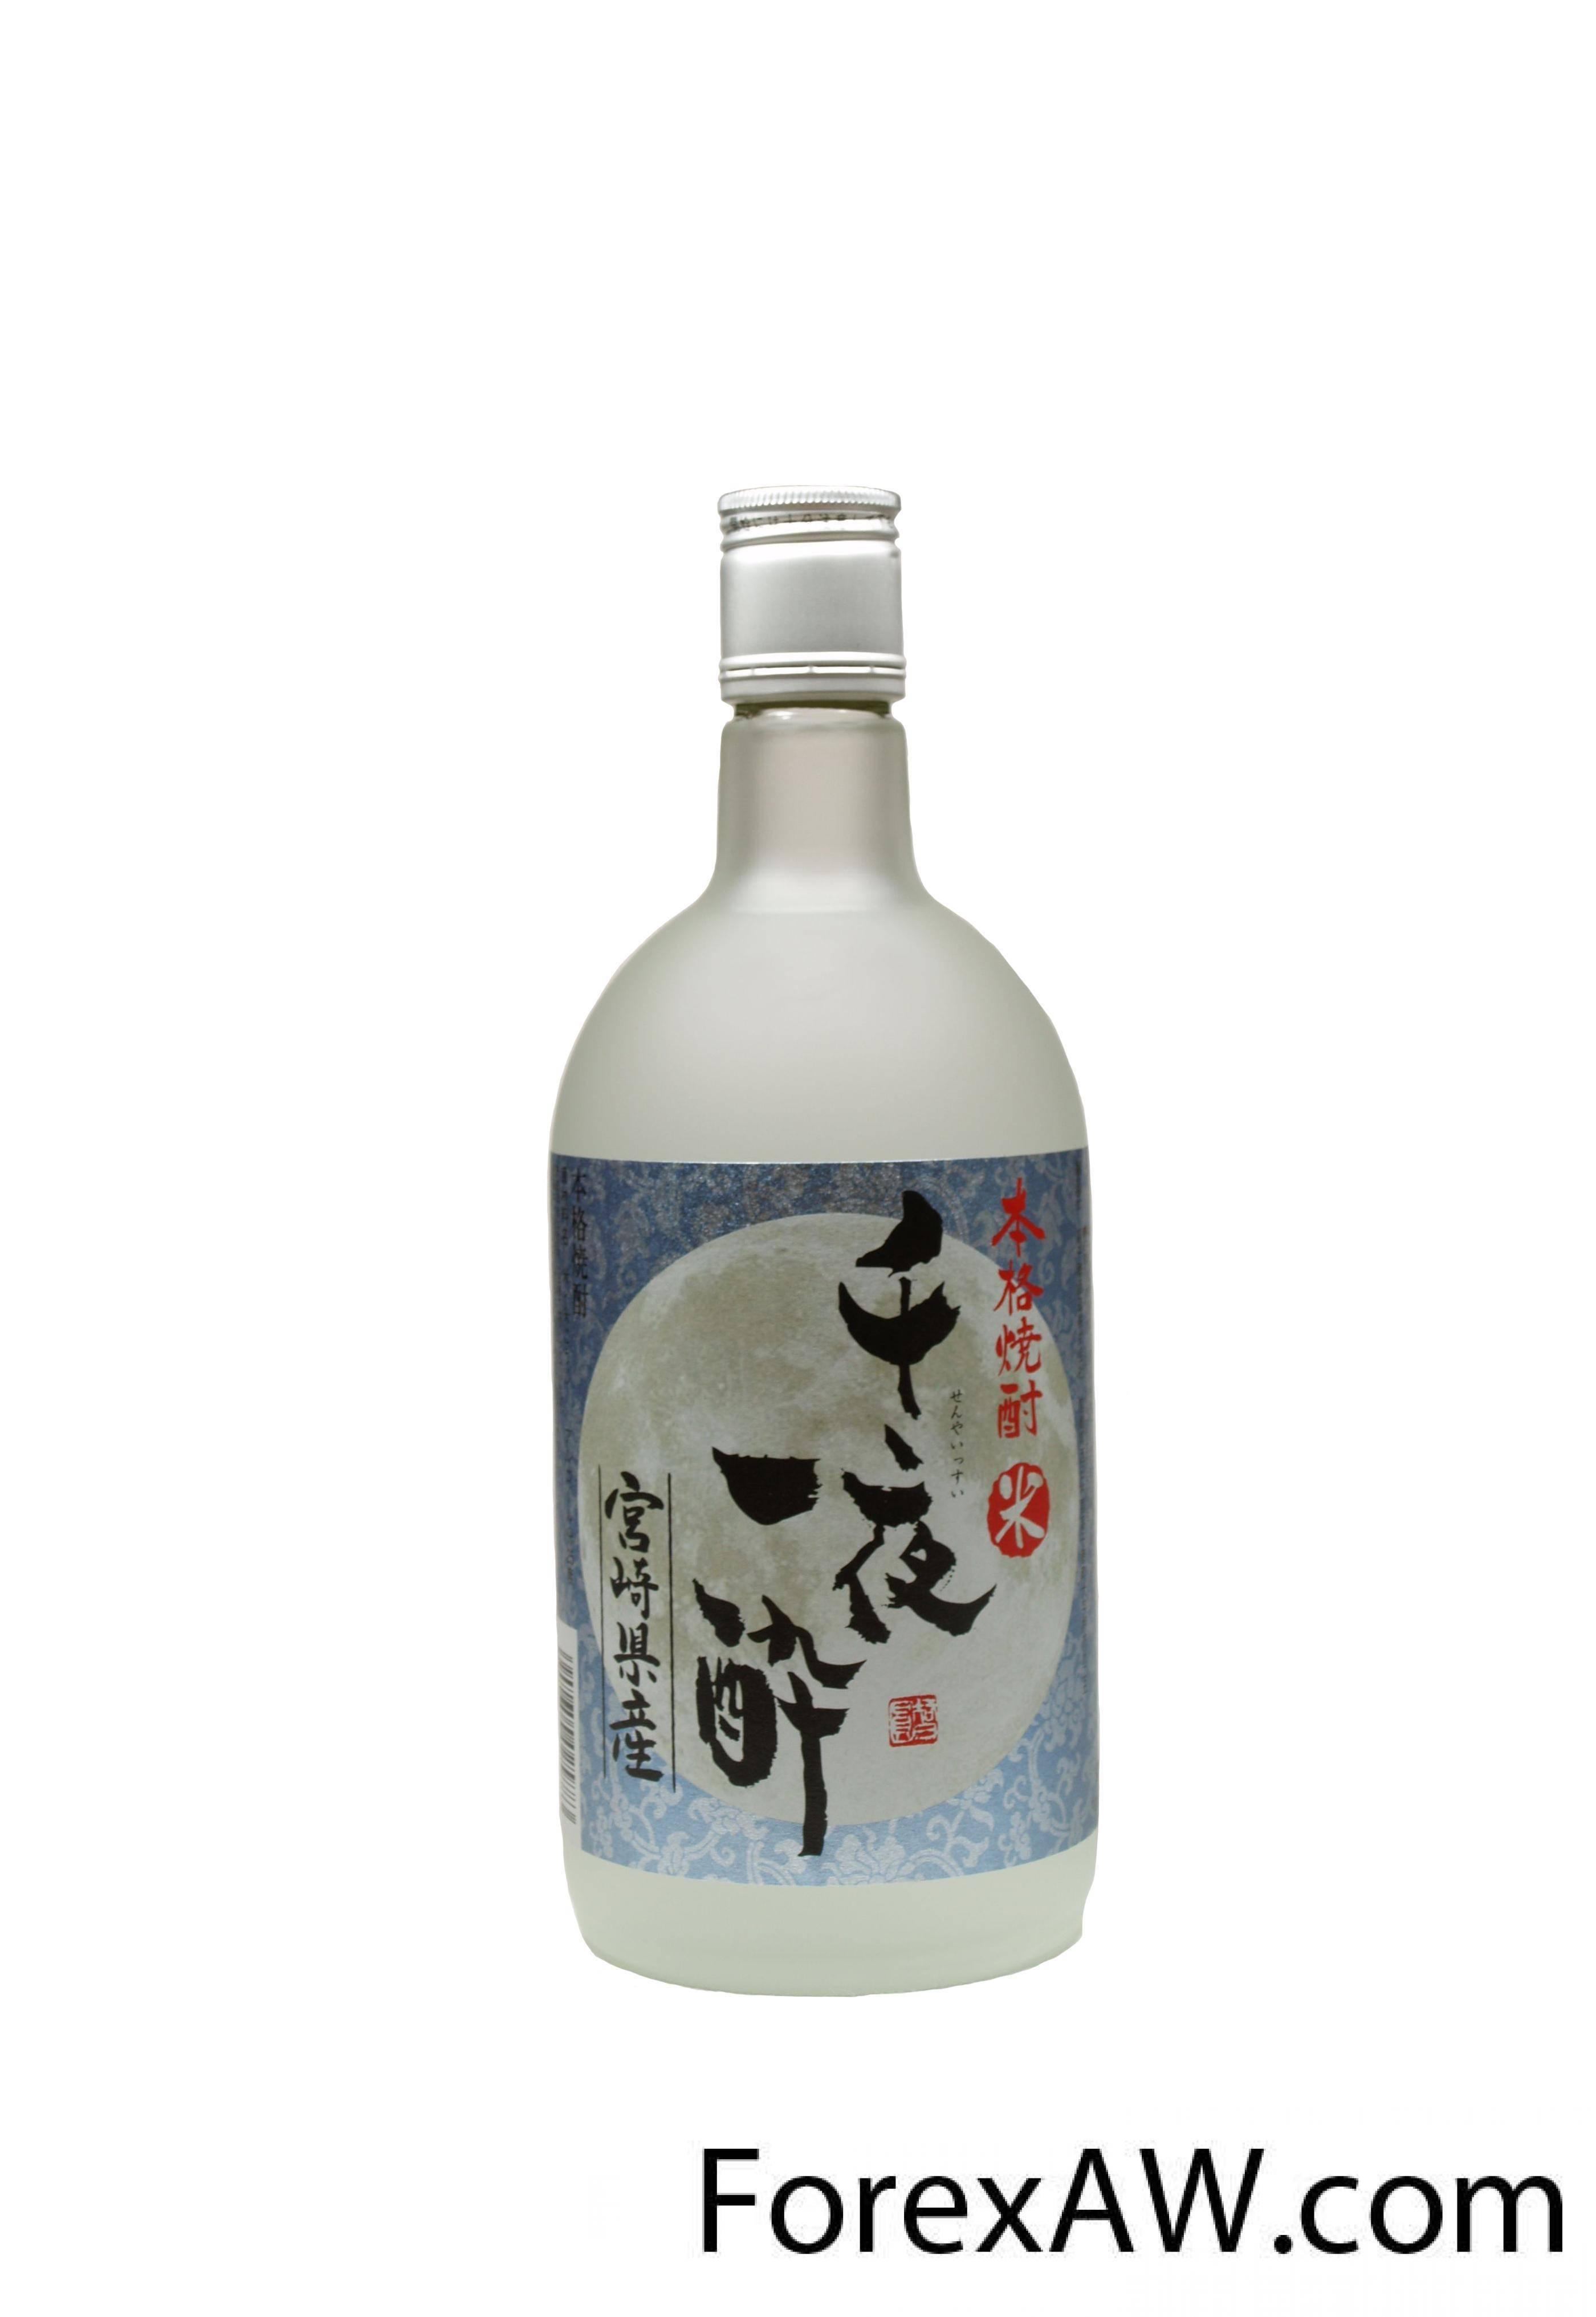 Рисовая водка: японская, китайская, сколько градусов, как сделать в домашних условиях